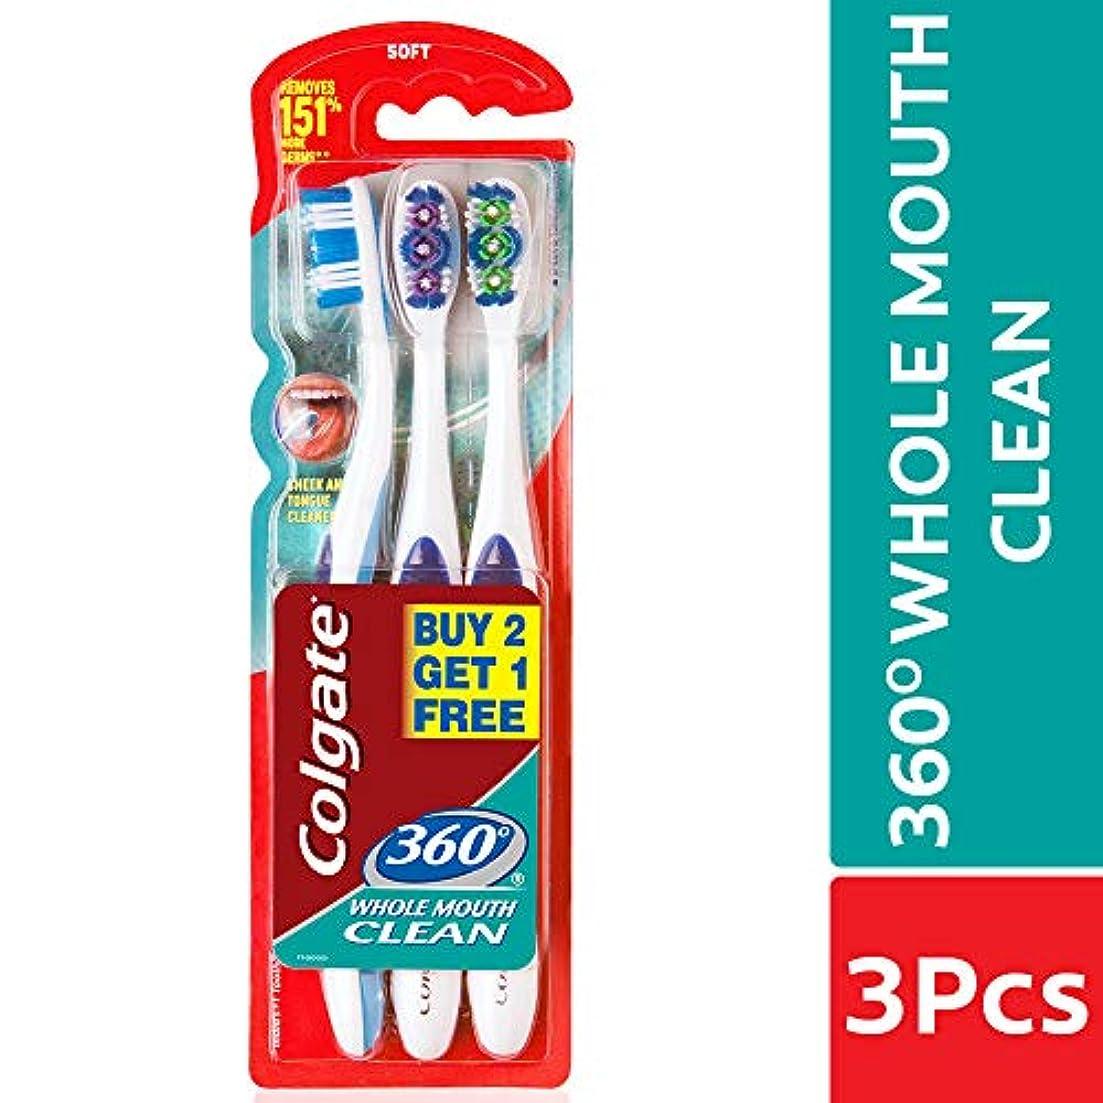 無効覗く駅Colgate 360 whole mouth clean (MEDIUM) toothbrush (3pc pack)